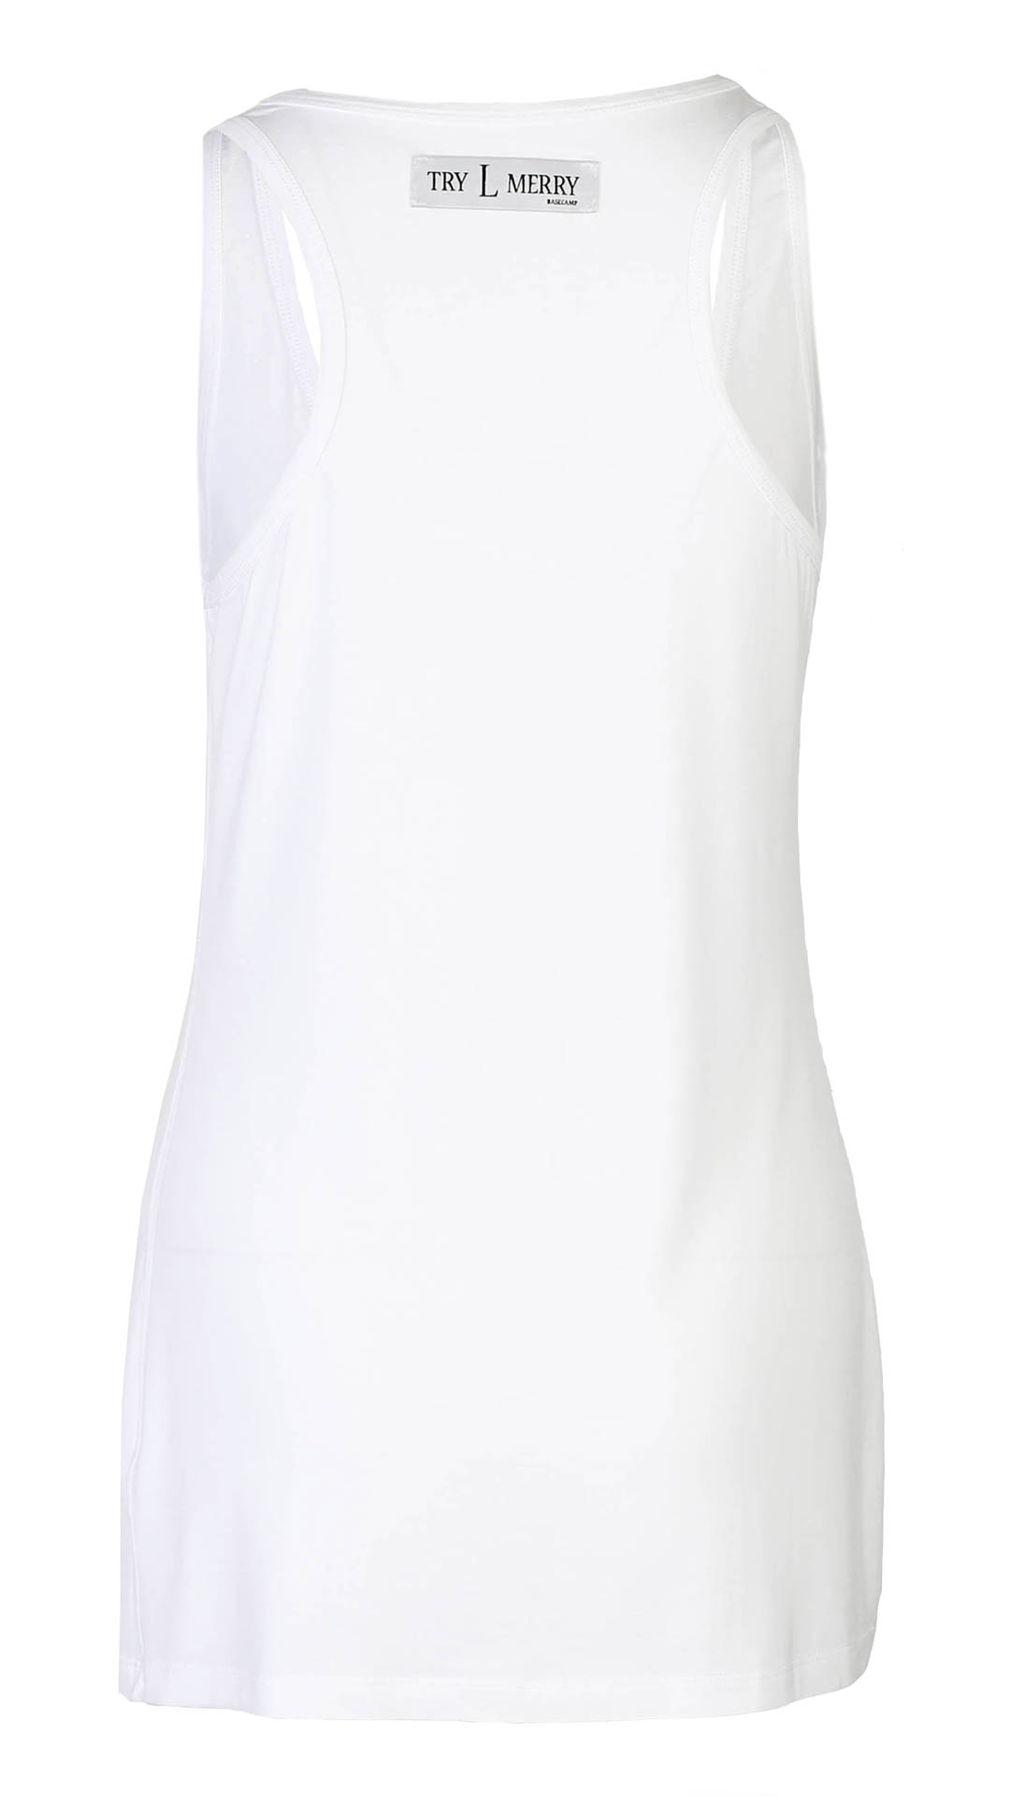 White alсo t-shirt